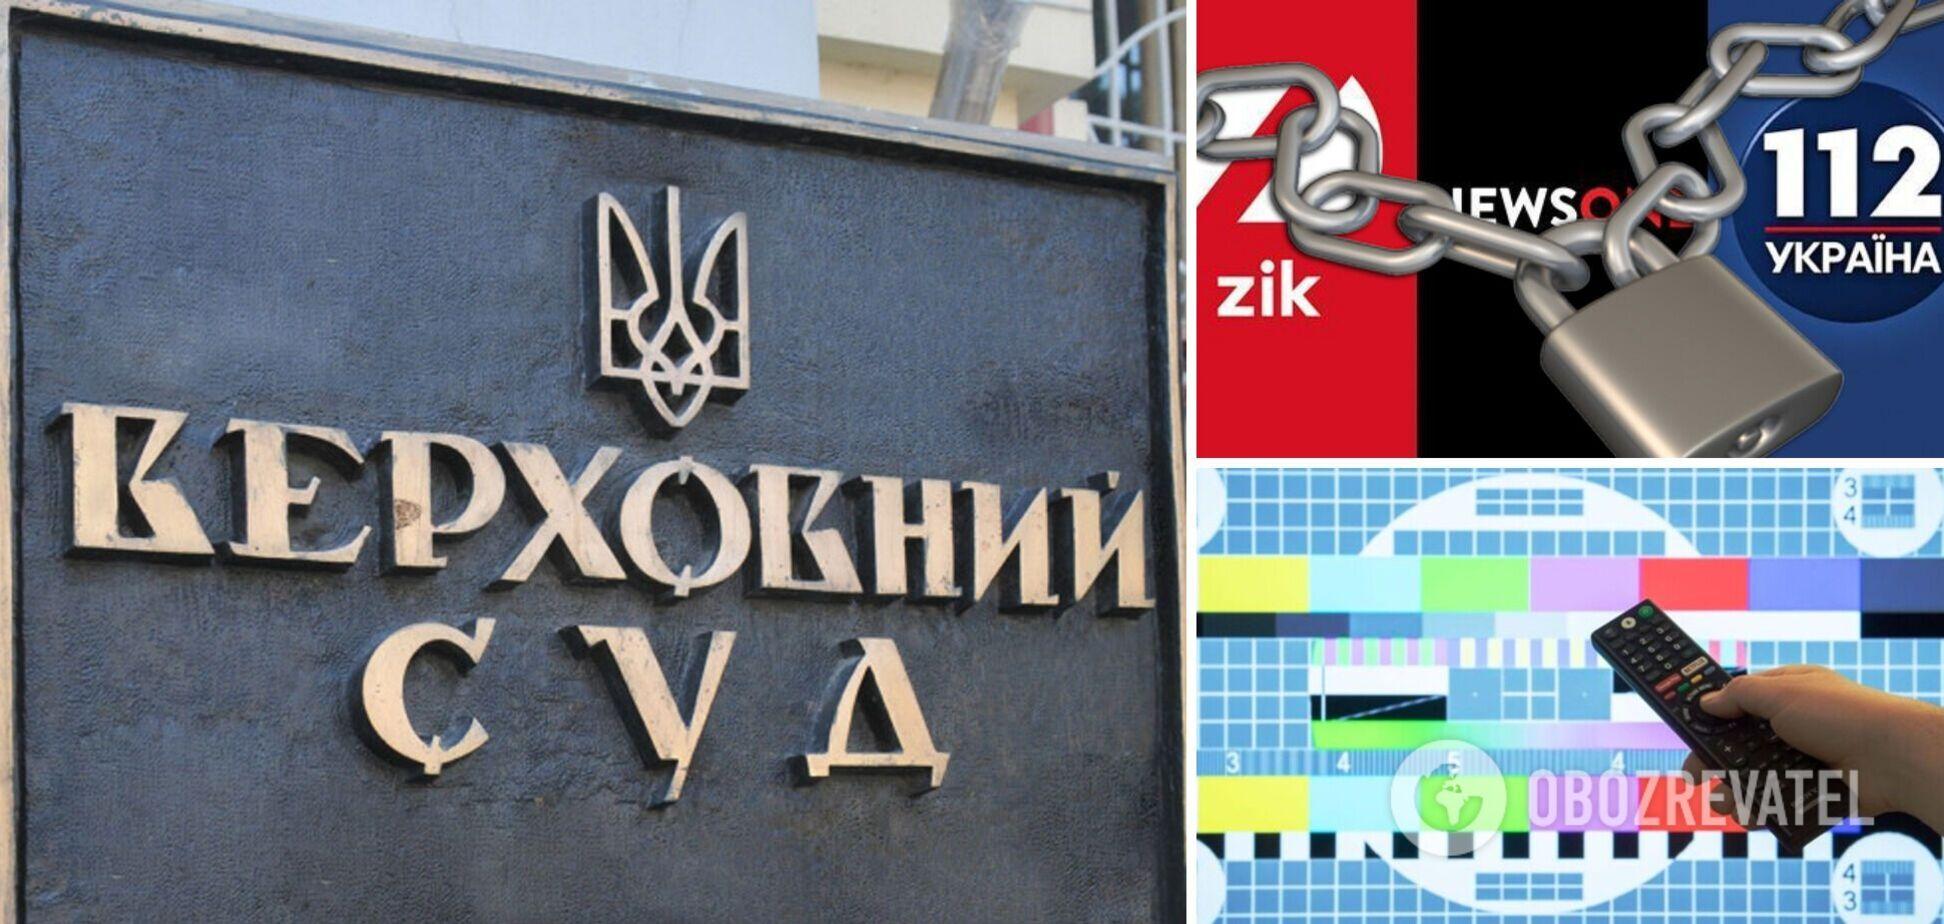 Запрещенный канал Козака подал в Верховный суд из-за санкций